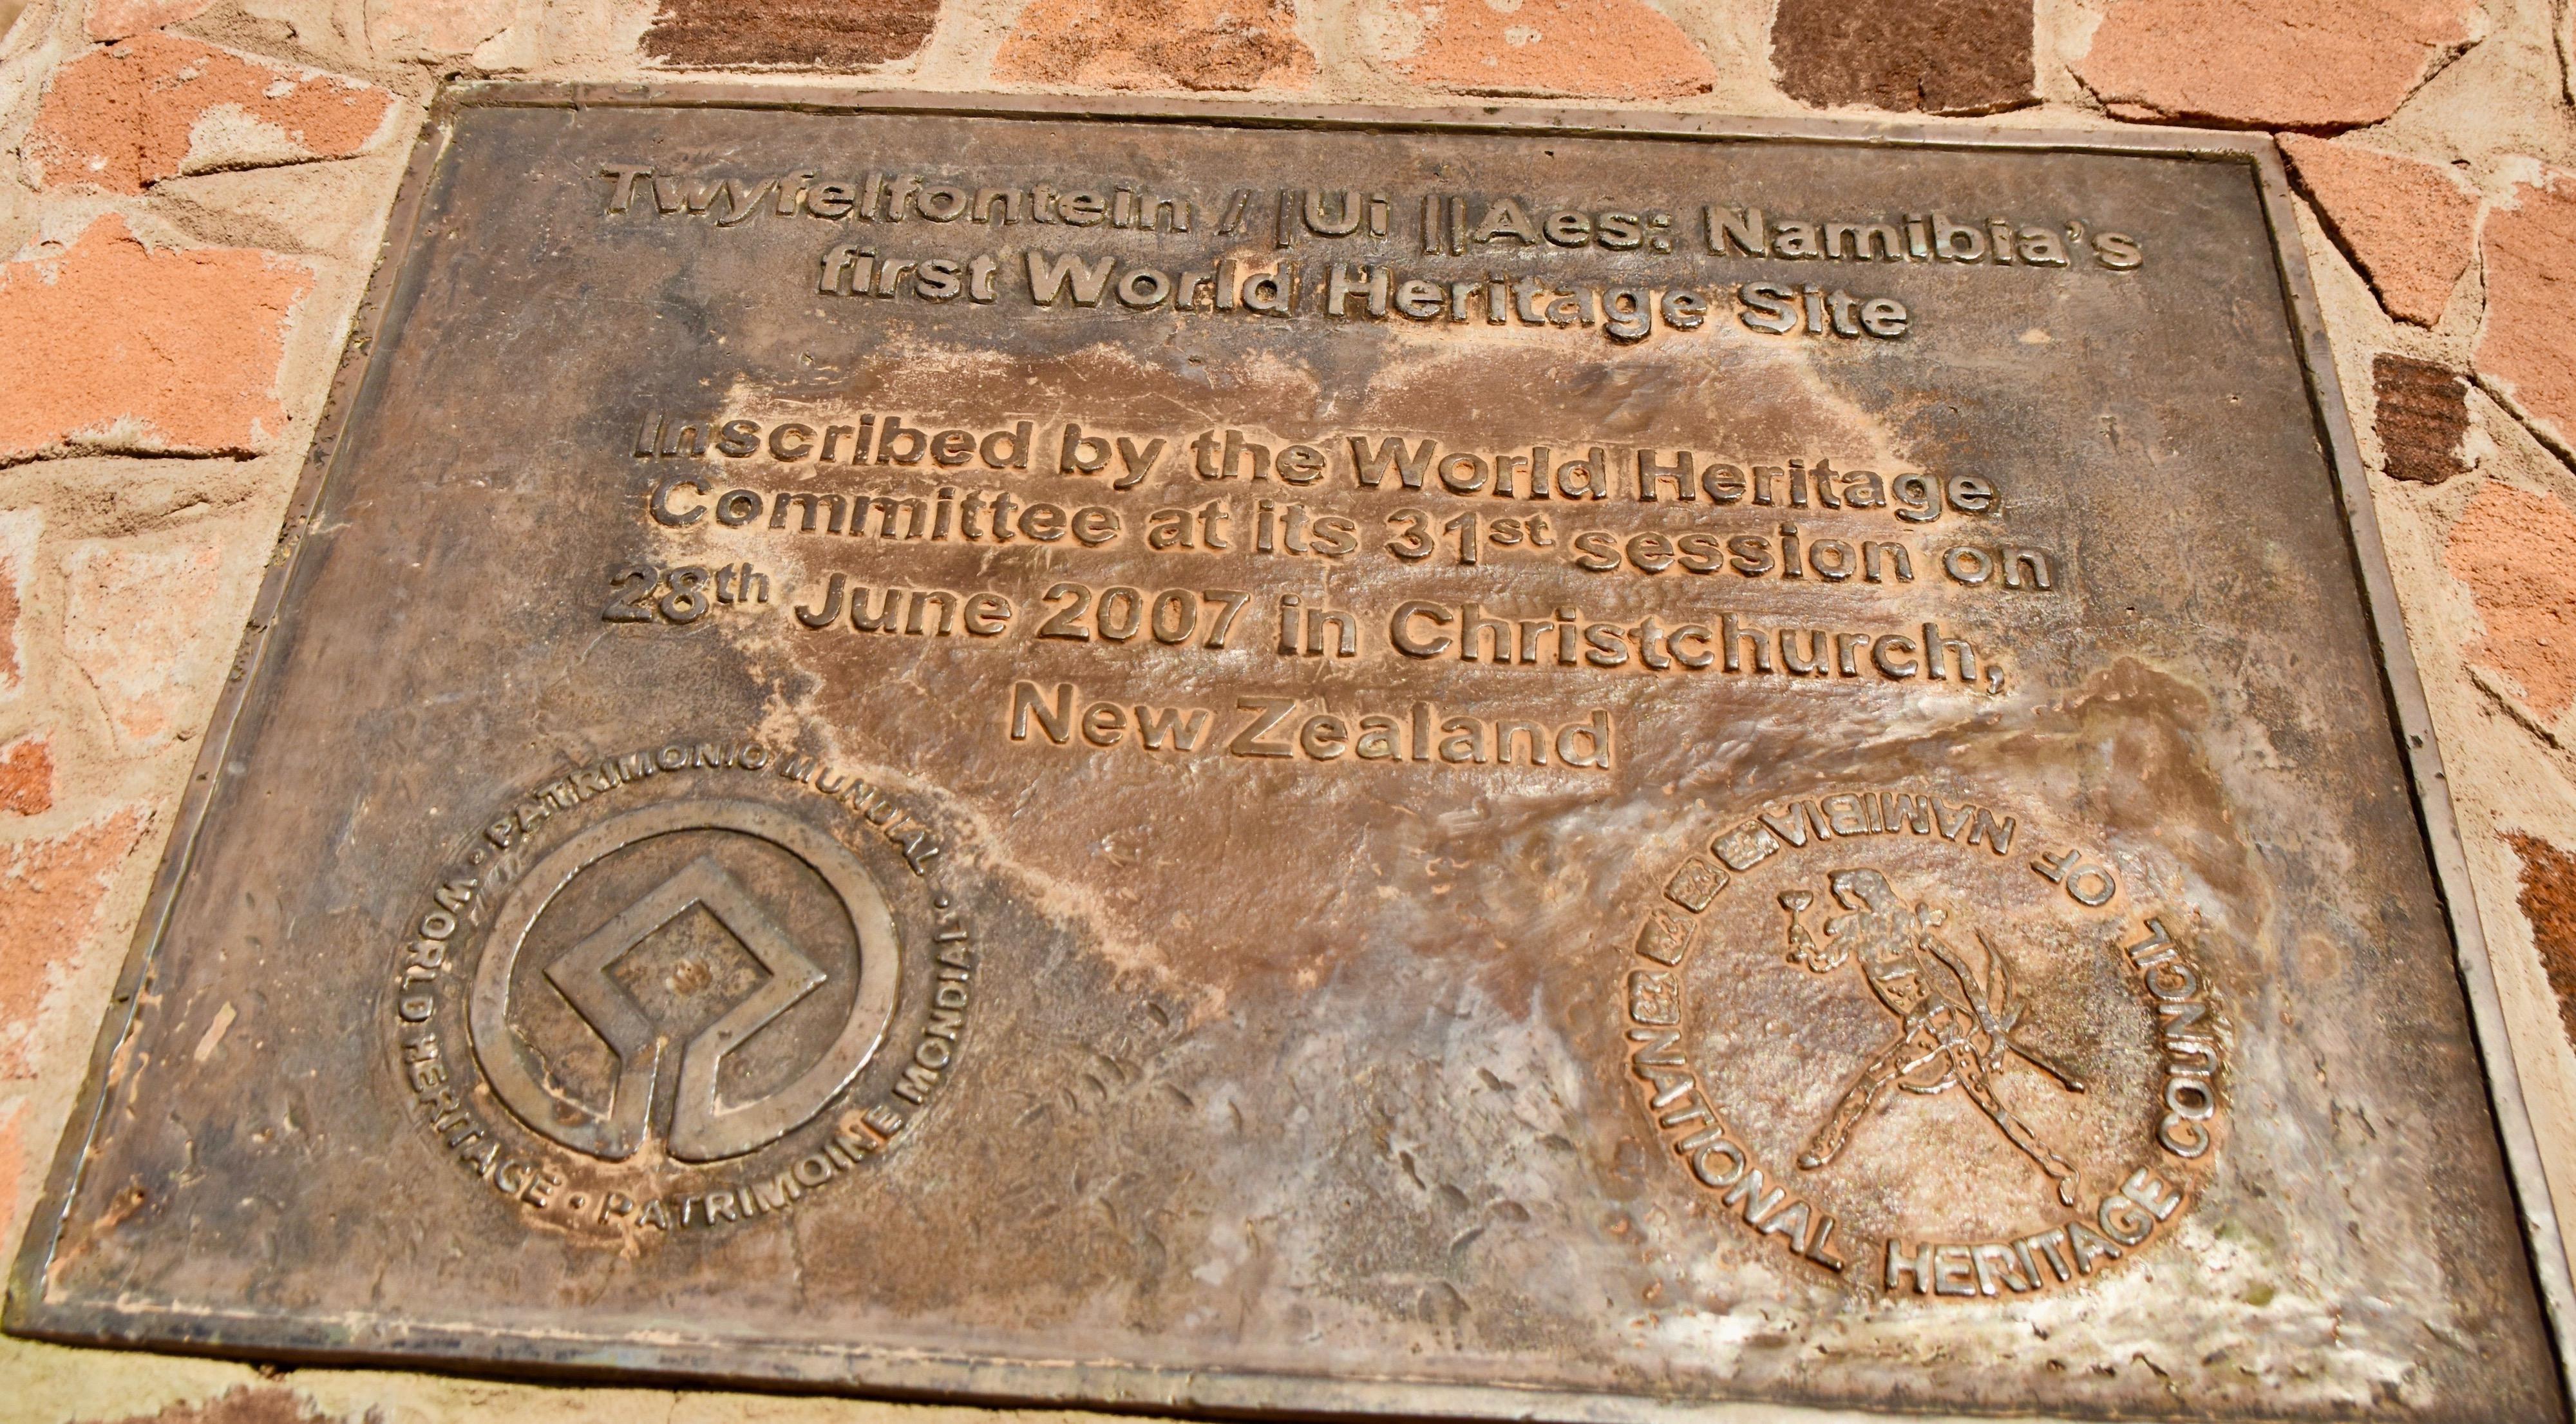 World Heritage Site, Twyfelfontein